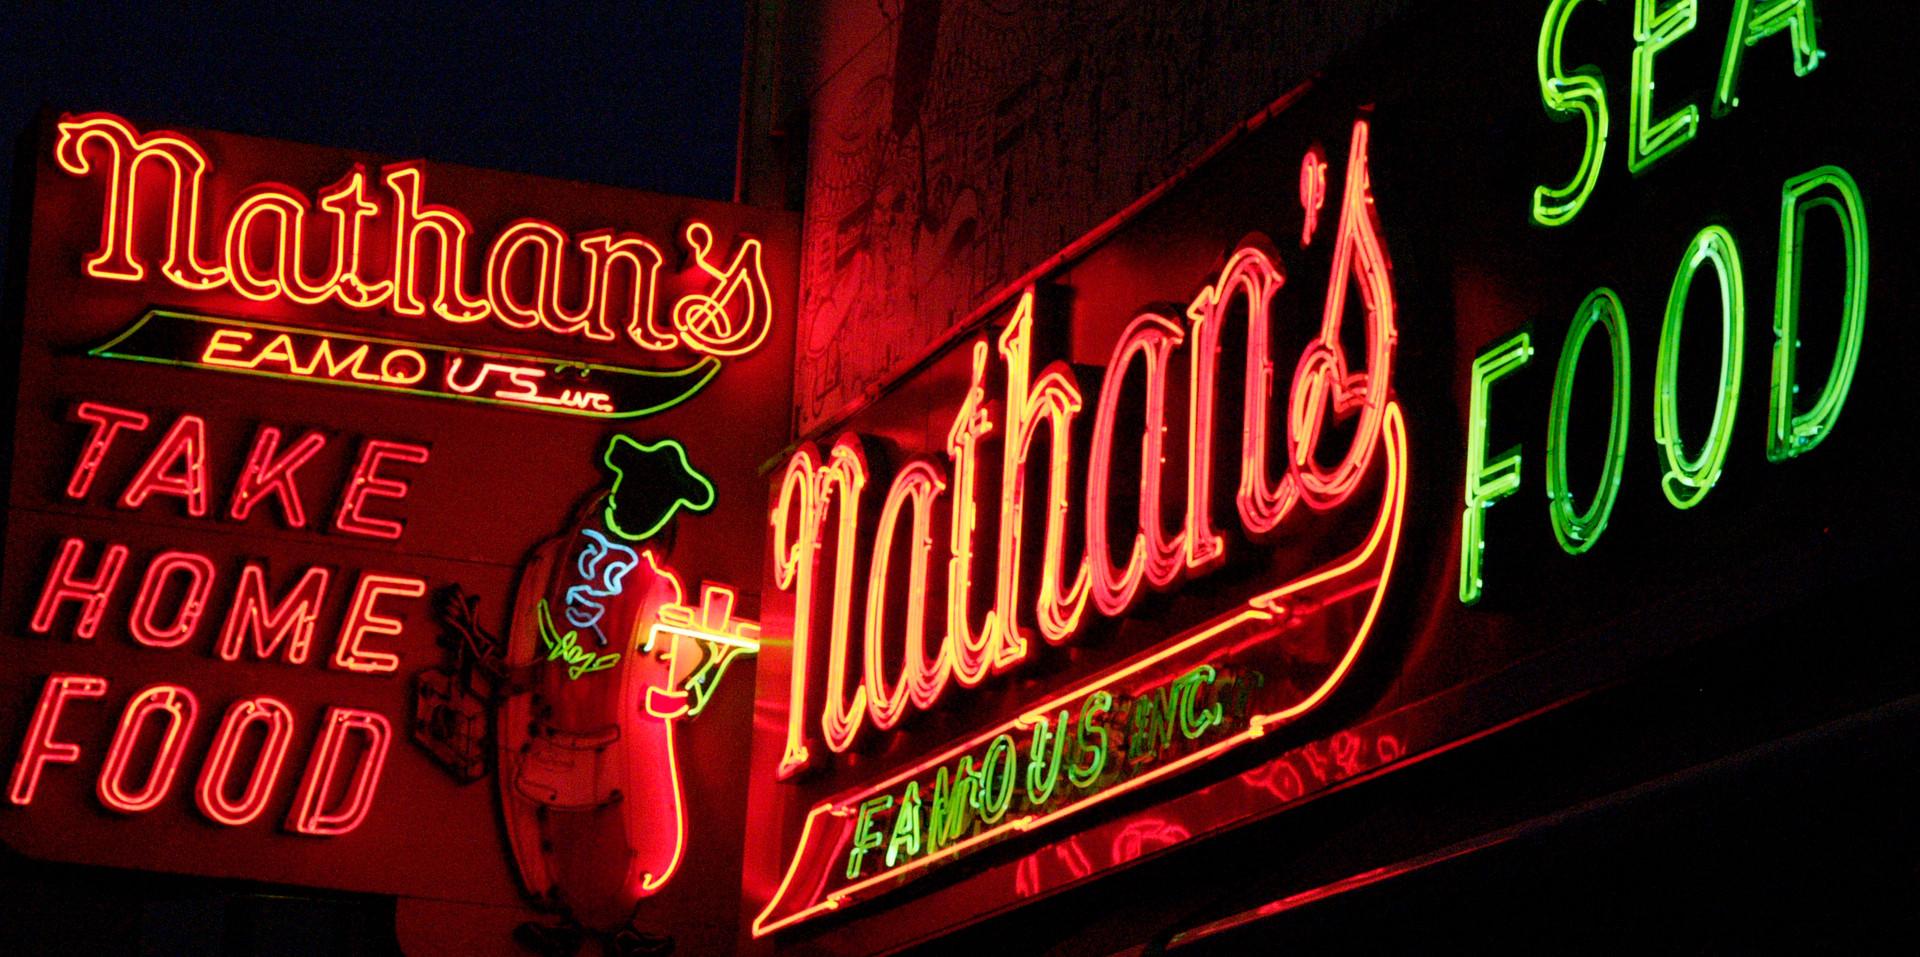 Nathan's, 2007